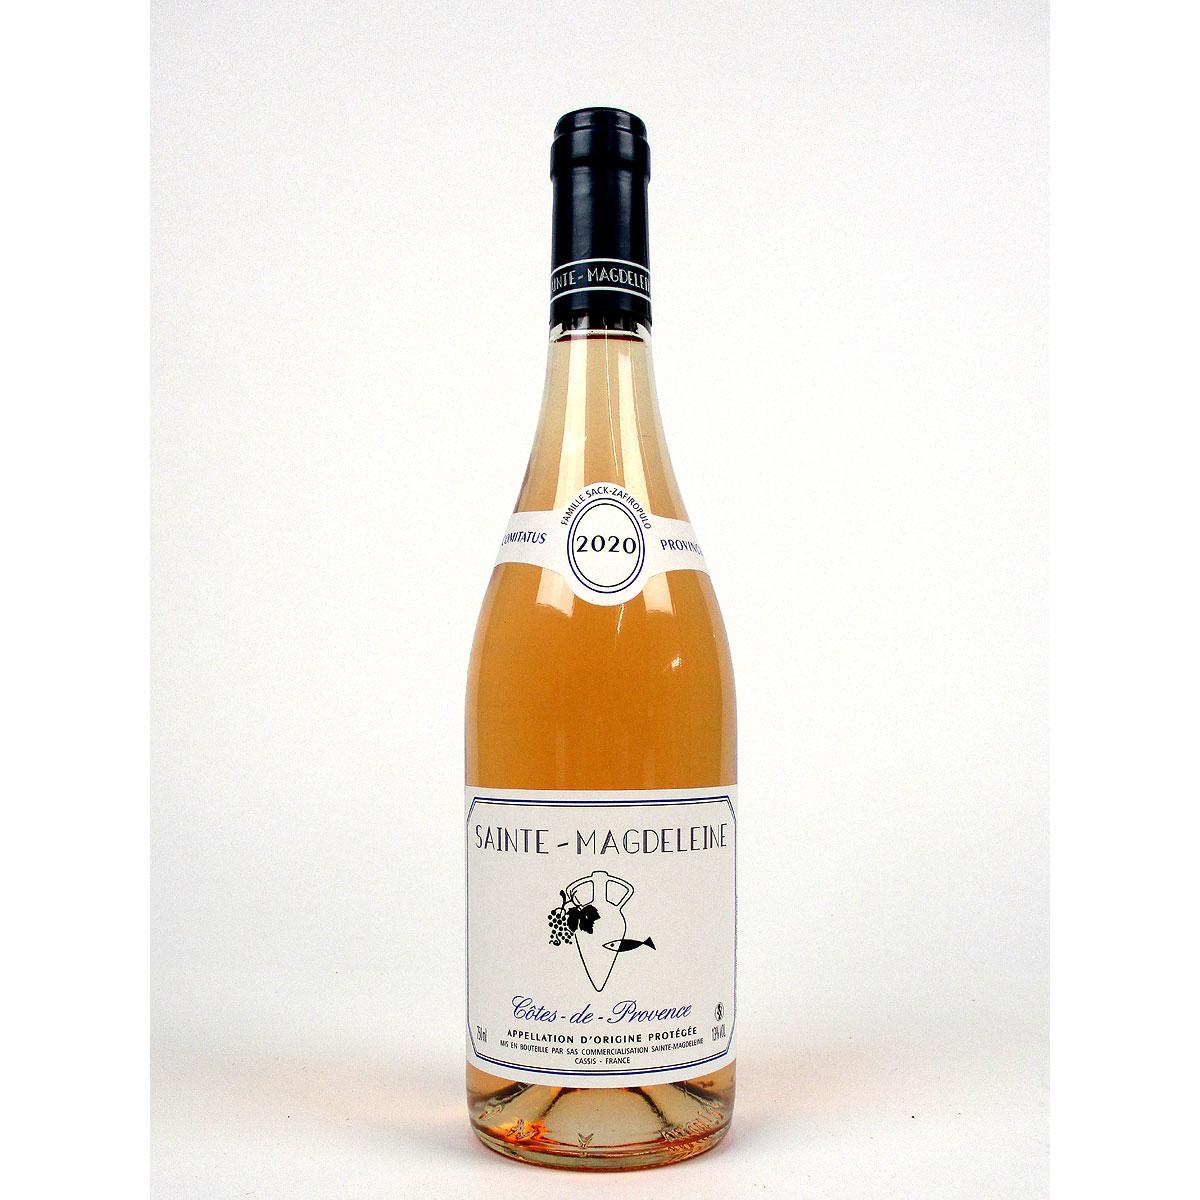 Côtes de Provence: Clos Sainte Magdeleine Rosé 2020 - Bottle